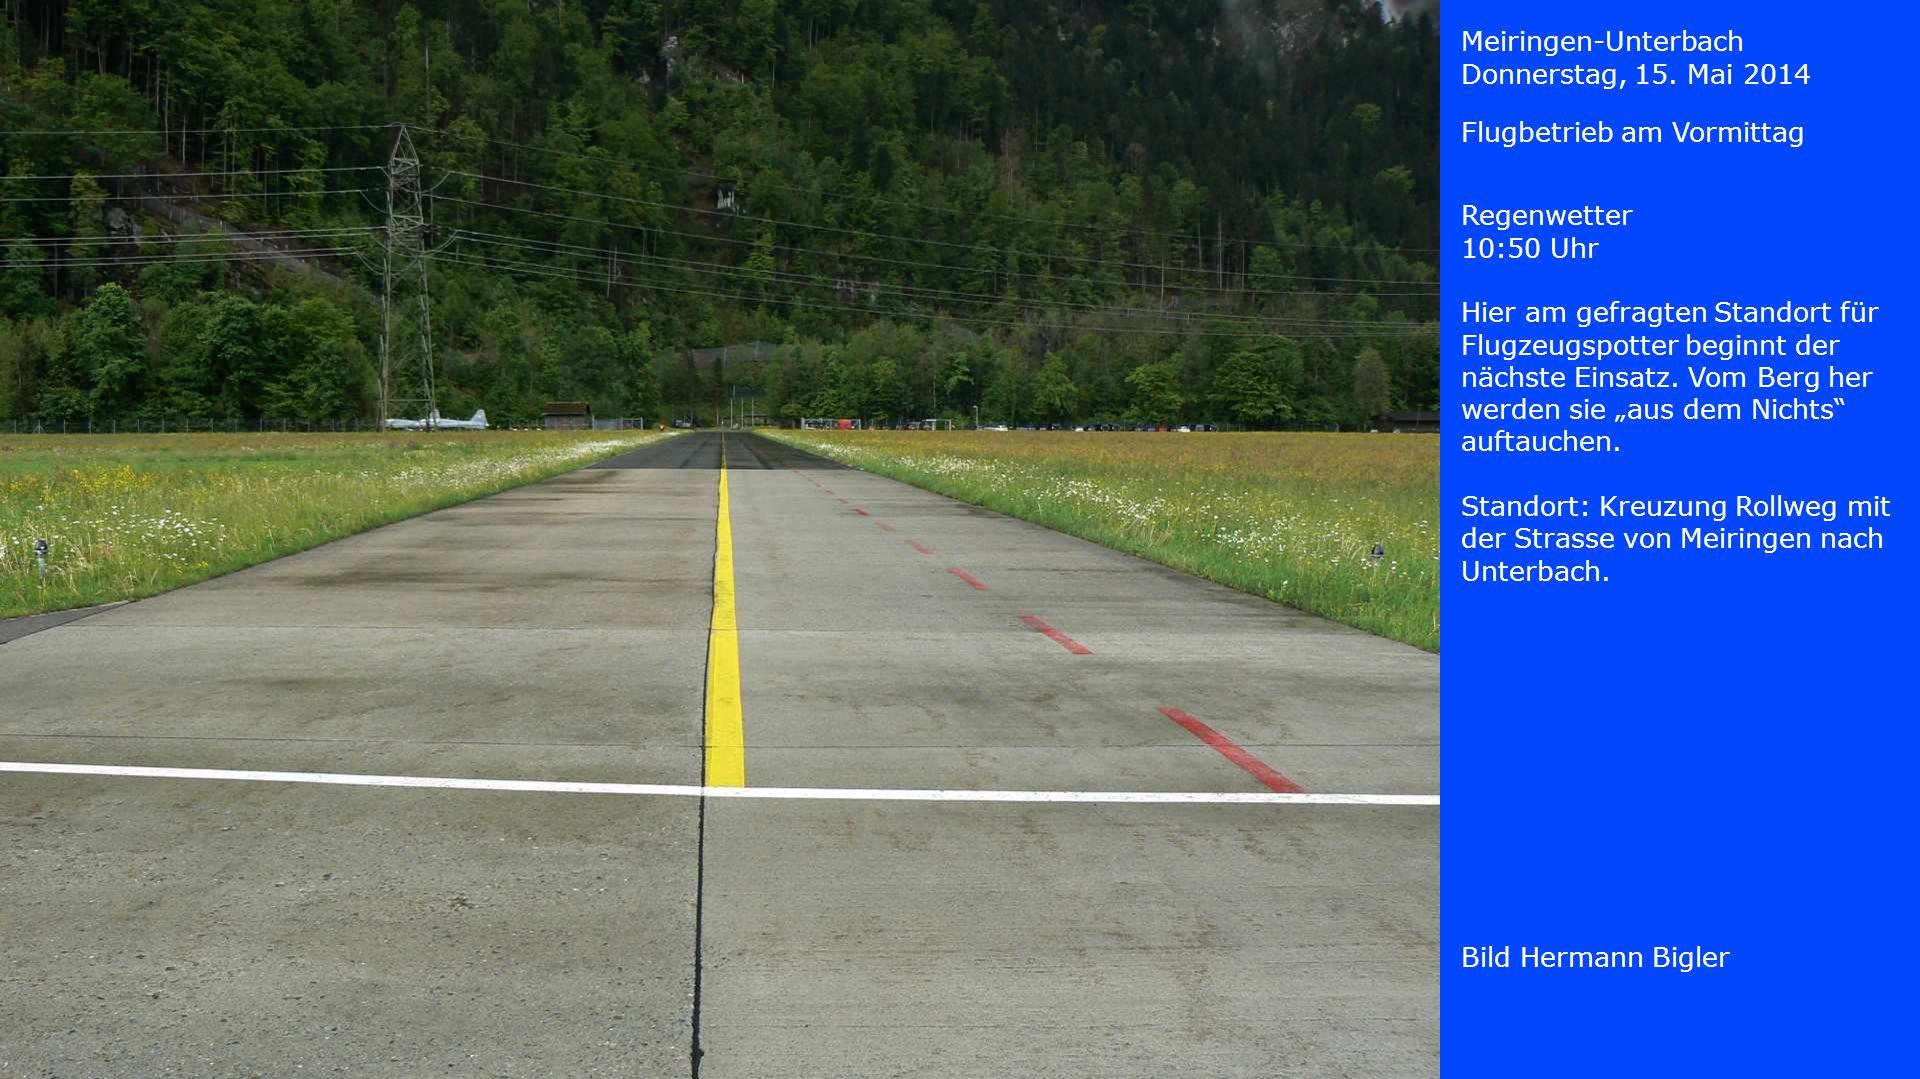 Meiringen-Unterbach Donnerstag, 15. Mai 2014. Flugbetrieb am Vormittag. Regenwetter. 10:50 Uhr.